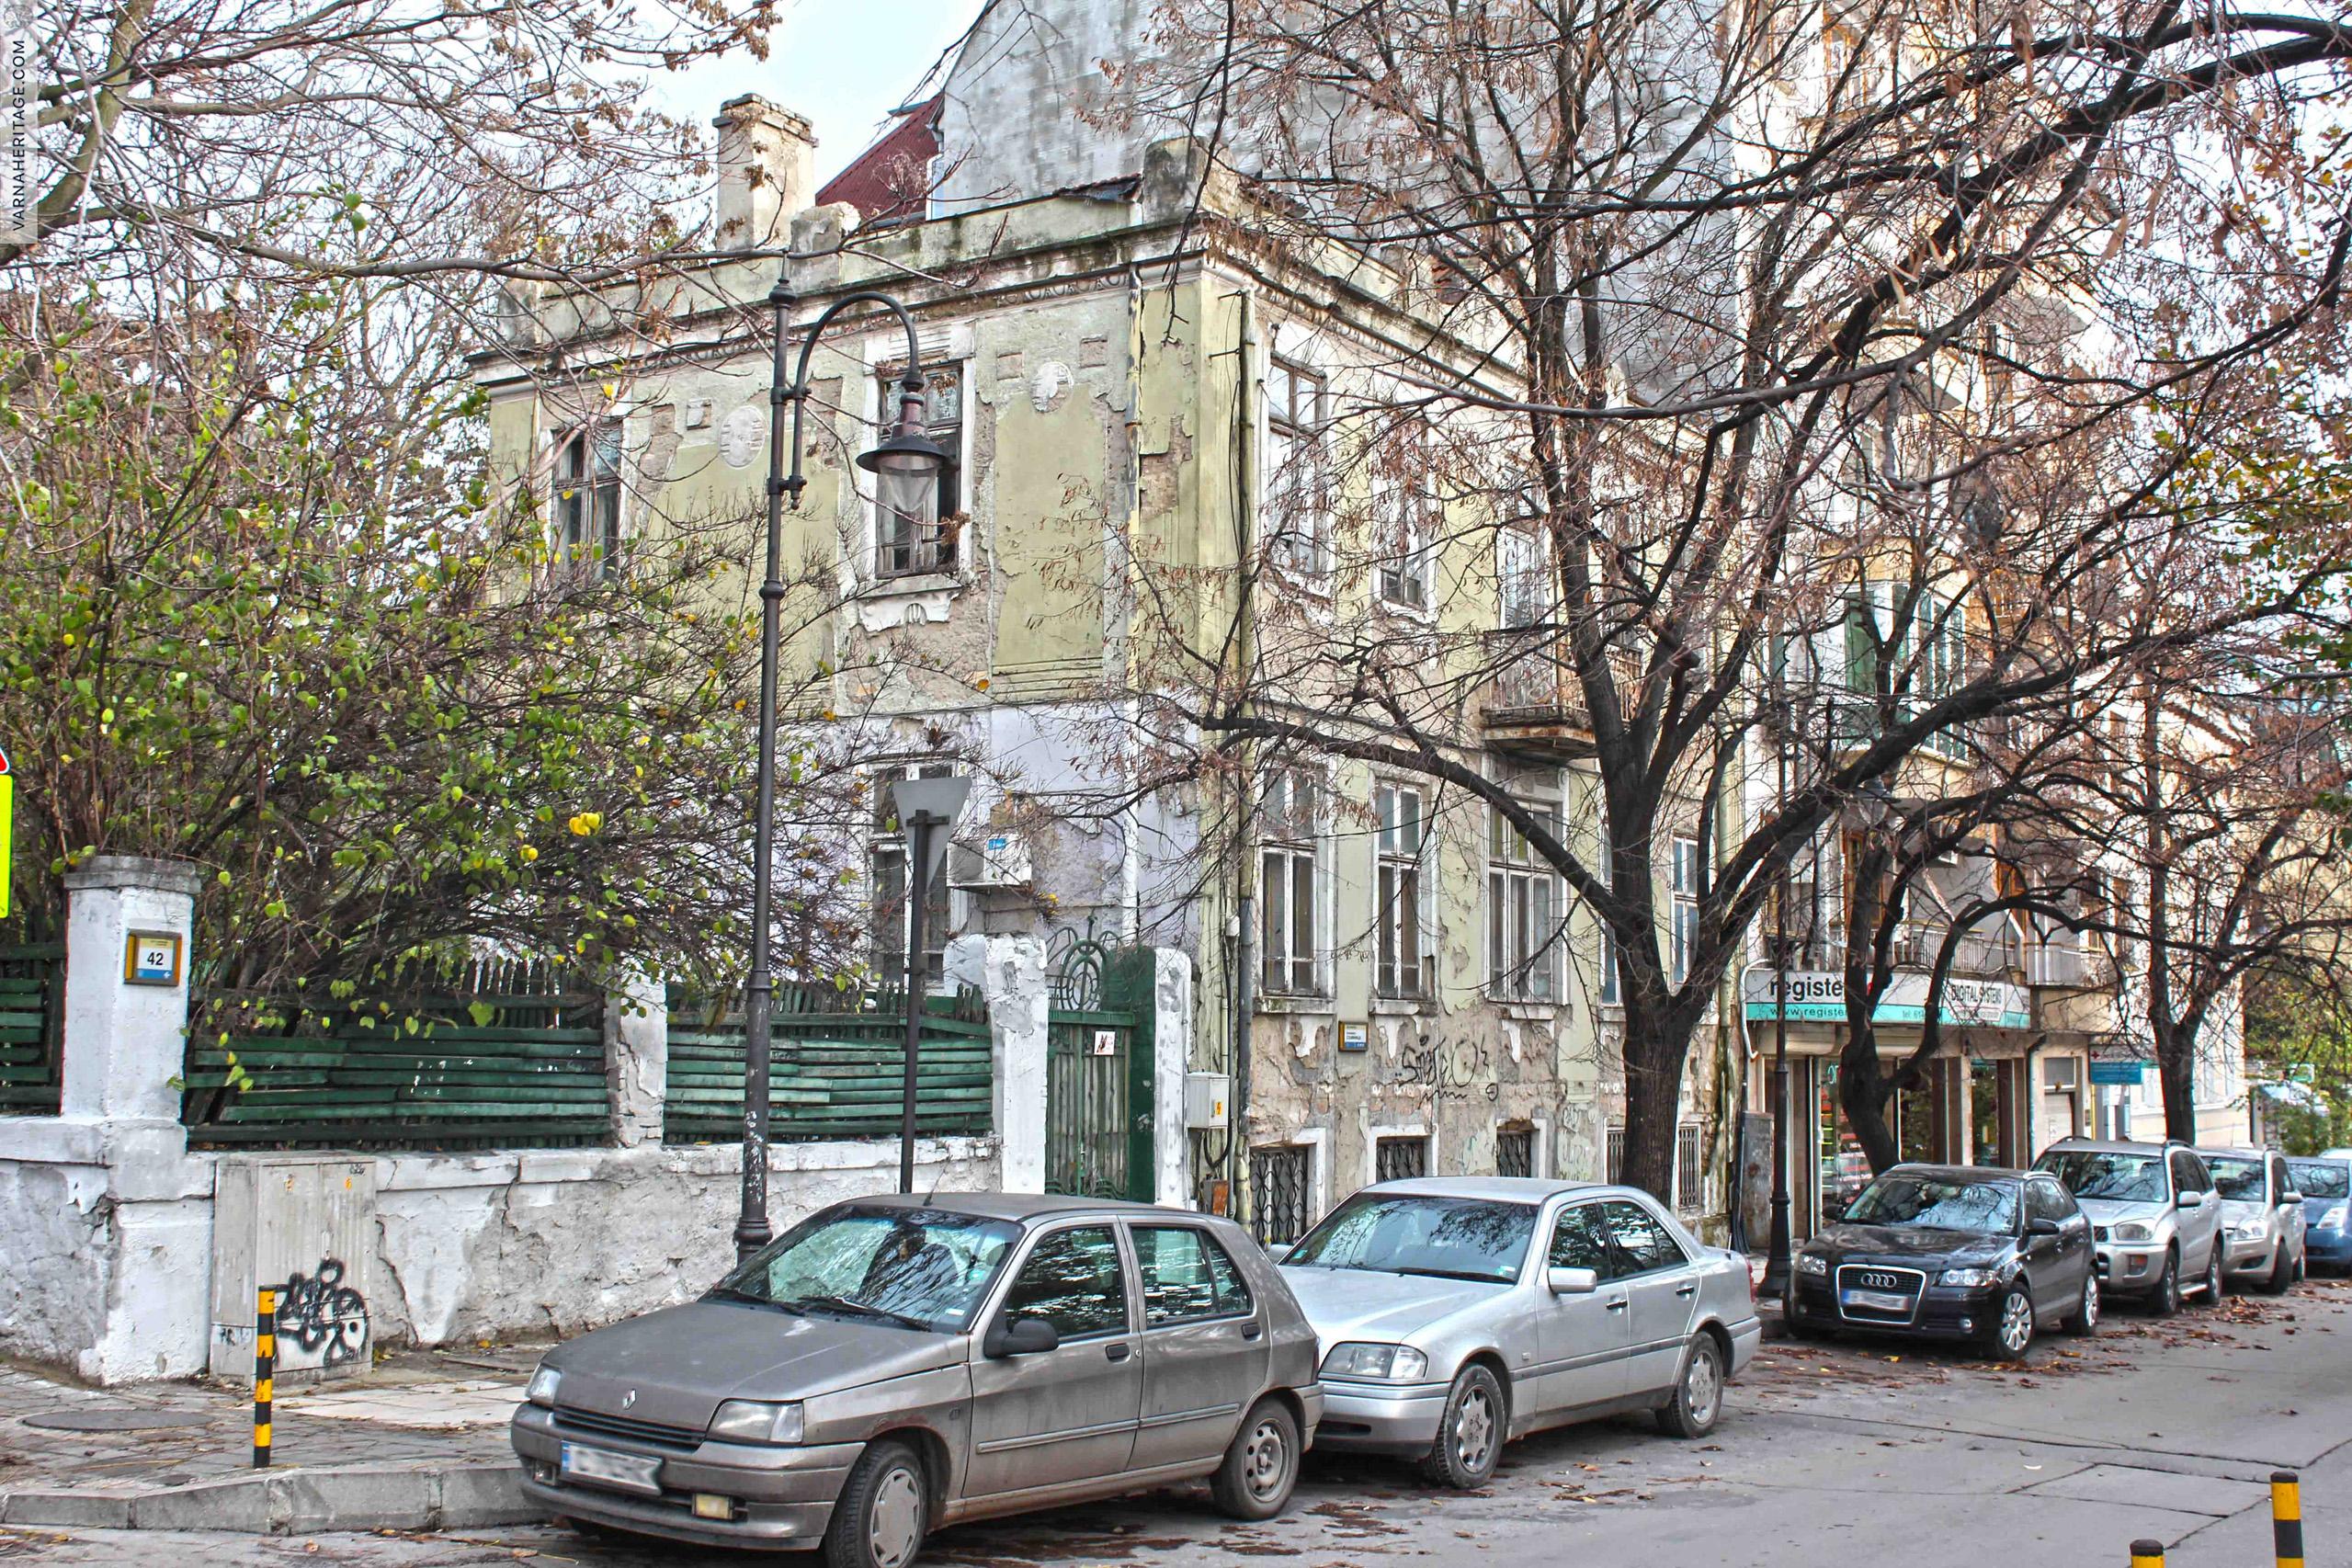 Снимка 1 - 2020 г.